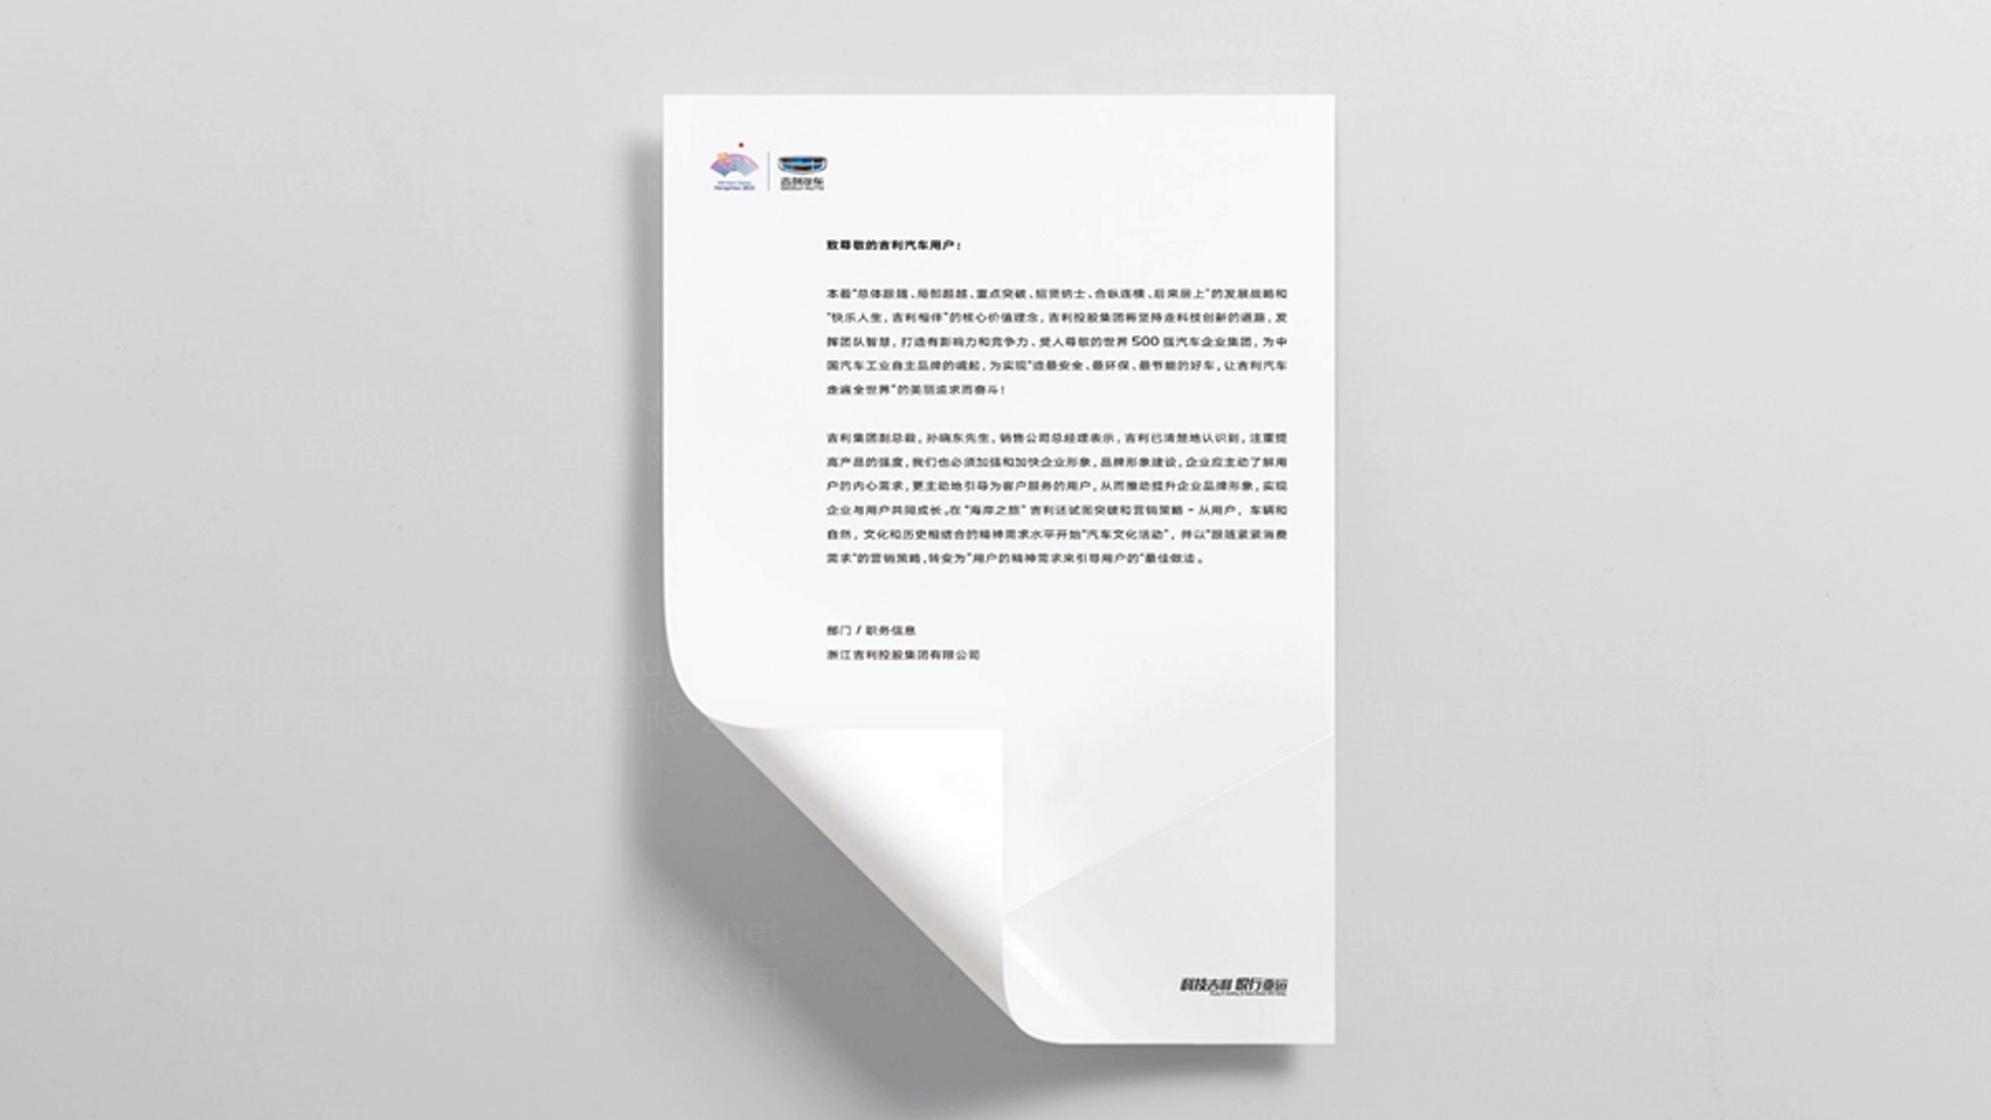 吉利汽车vi设计应用场景_8